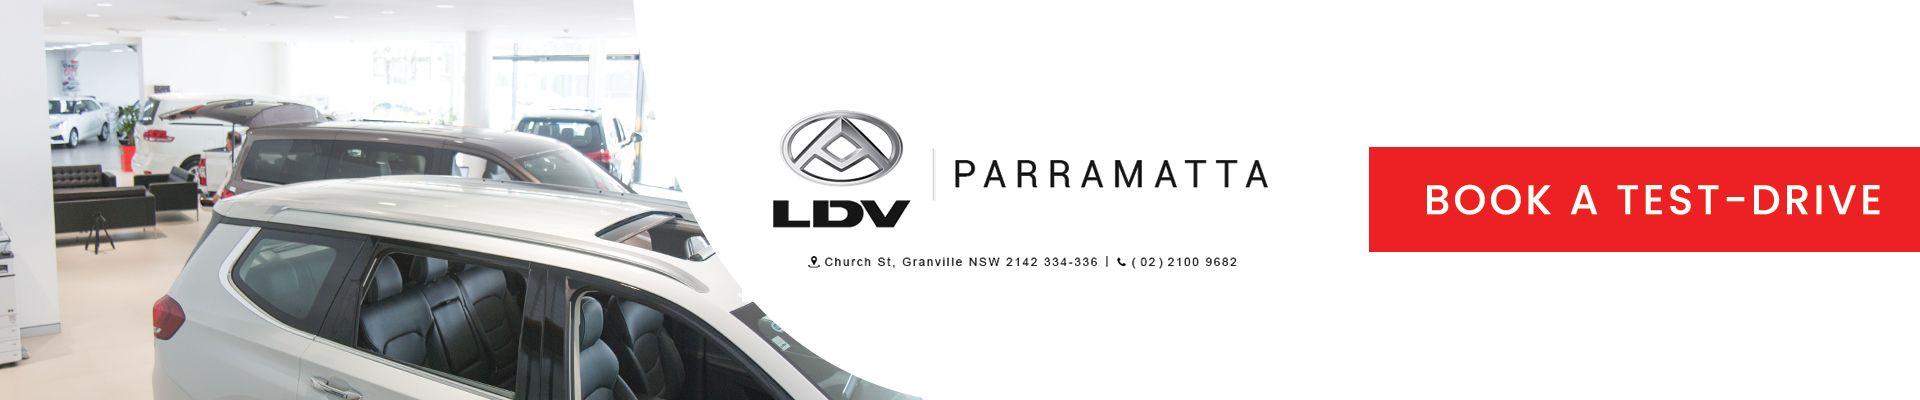 LDV Deliver 9 LDV Parramatta